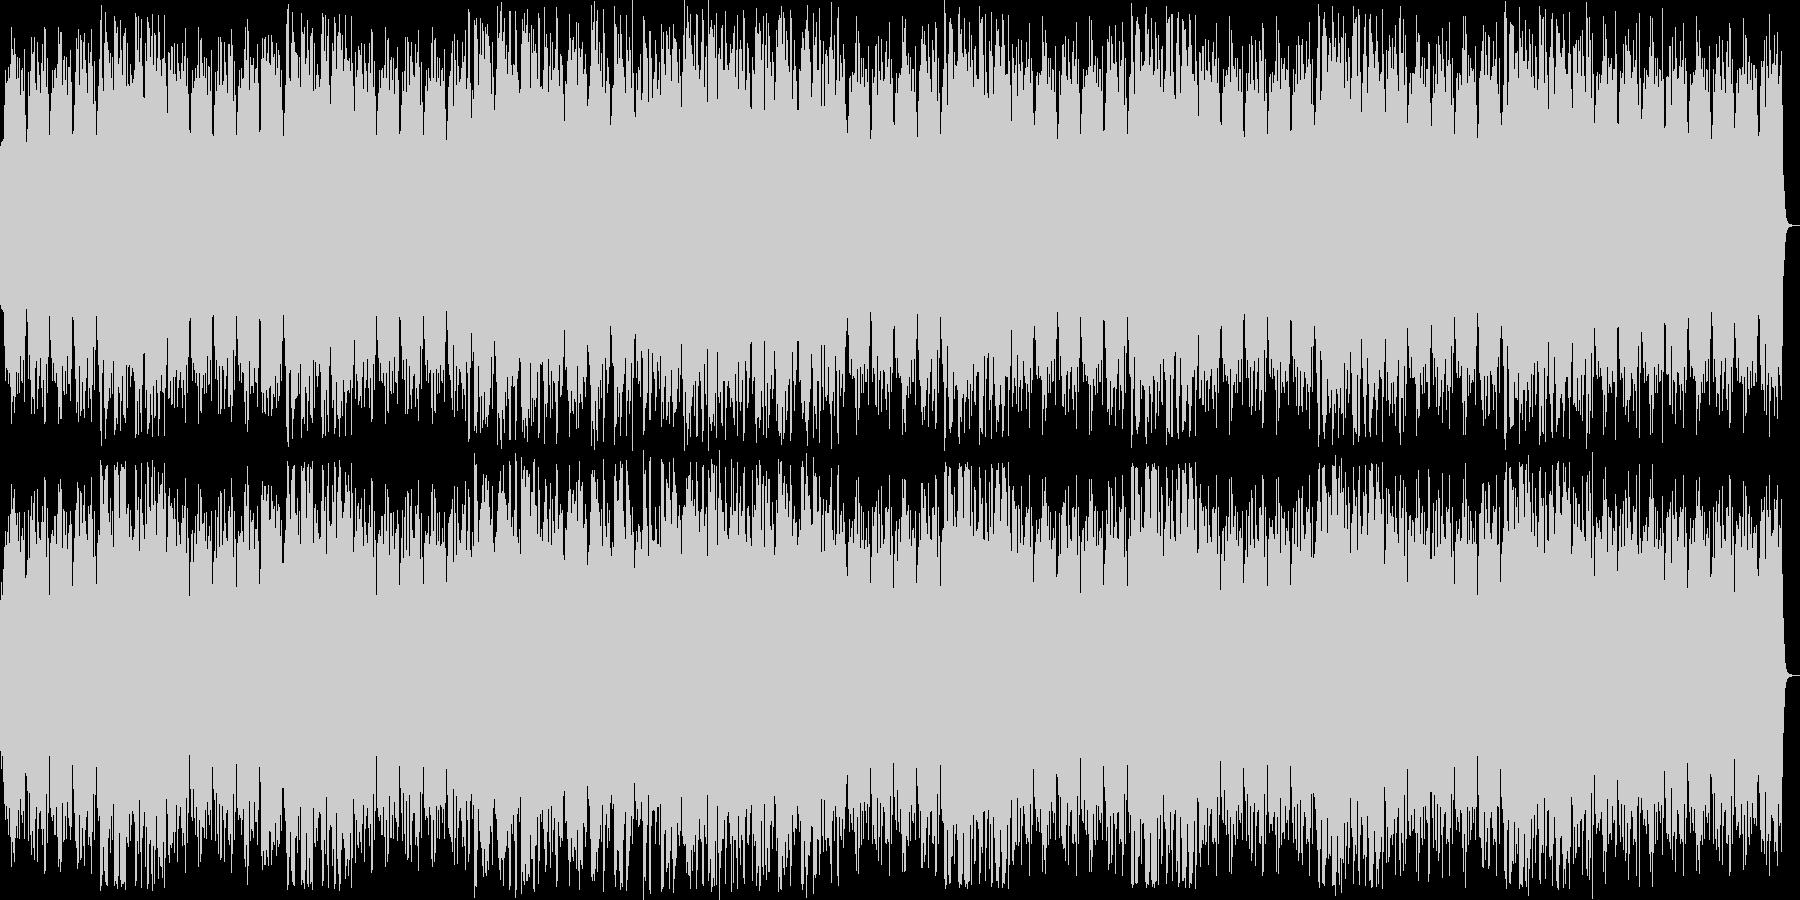 明るくきらめくシンセサイザーサウンドの未再生の波形